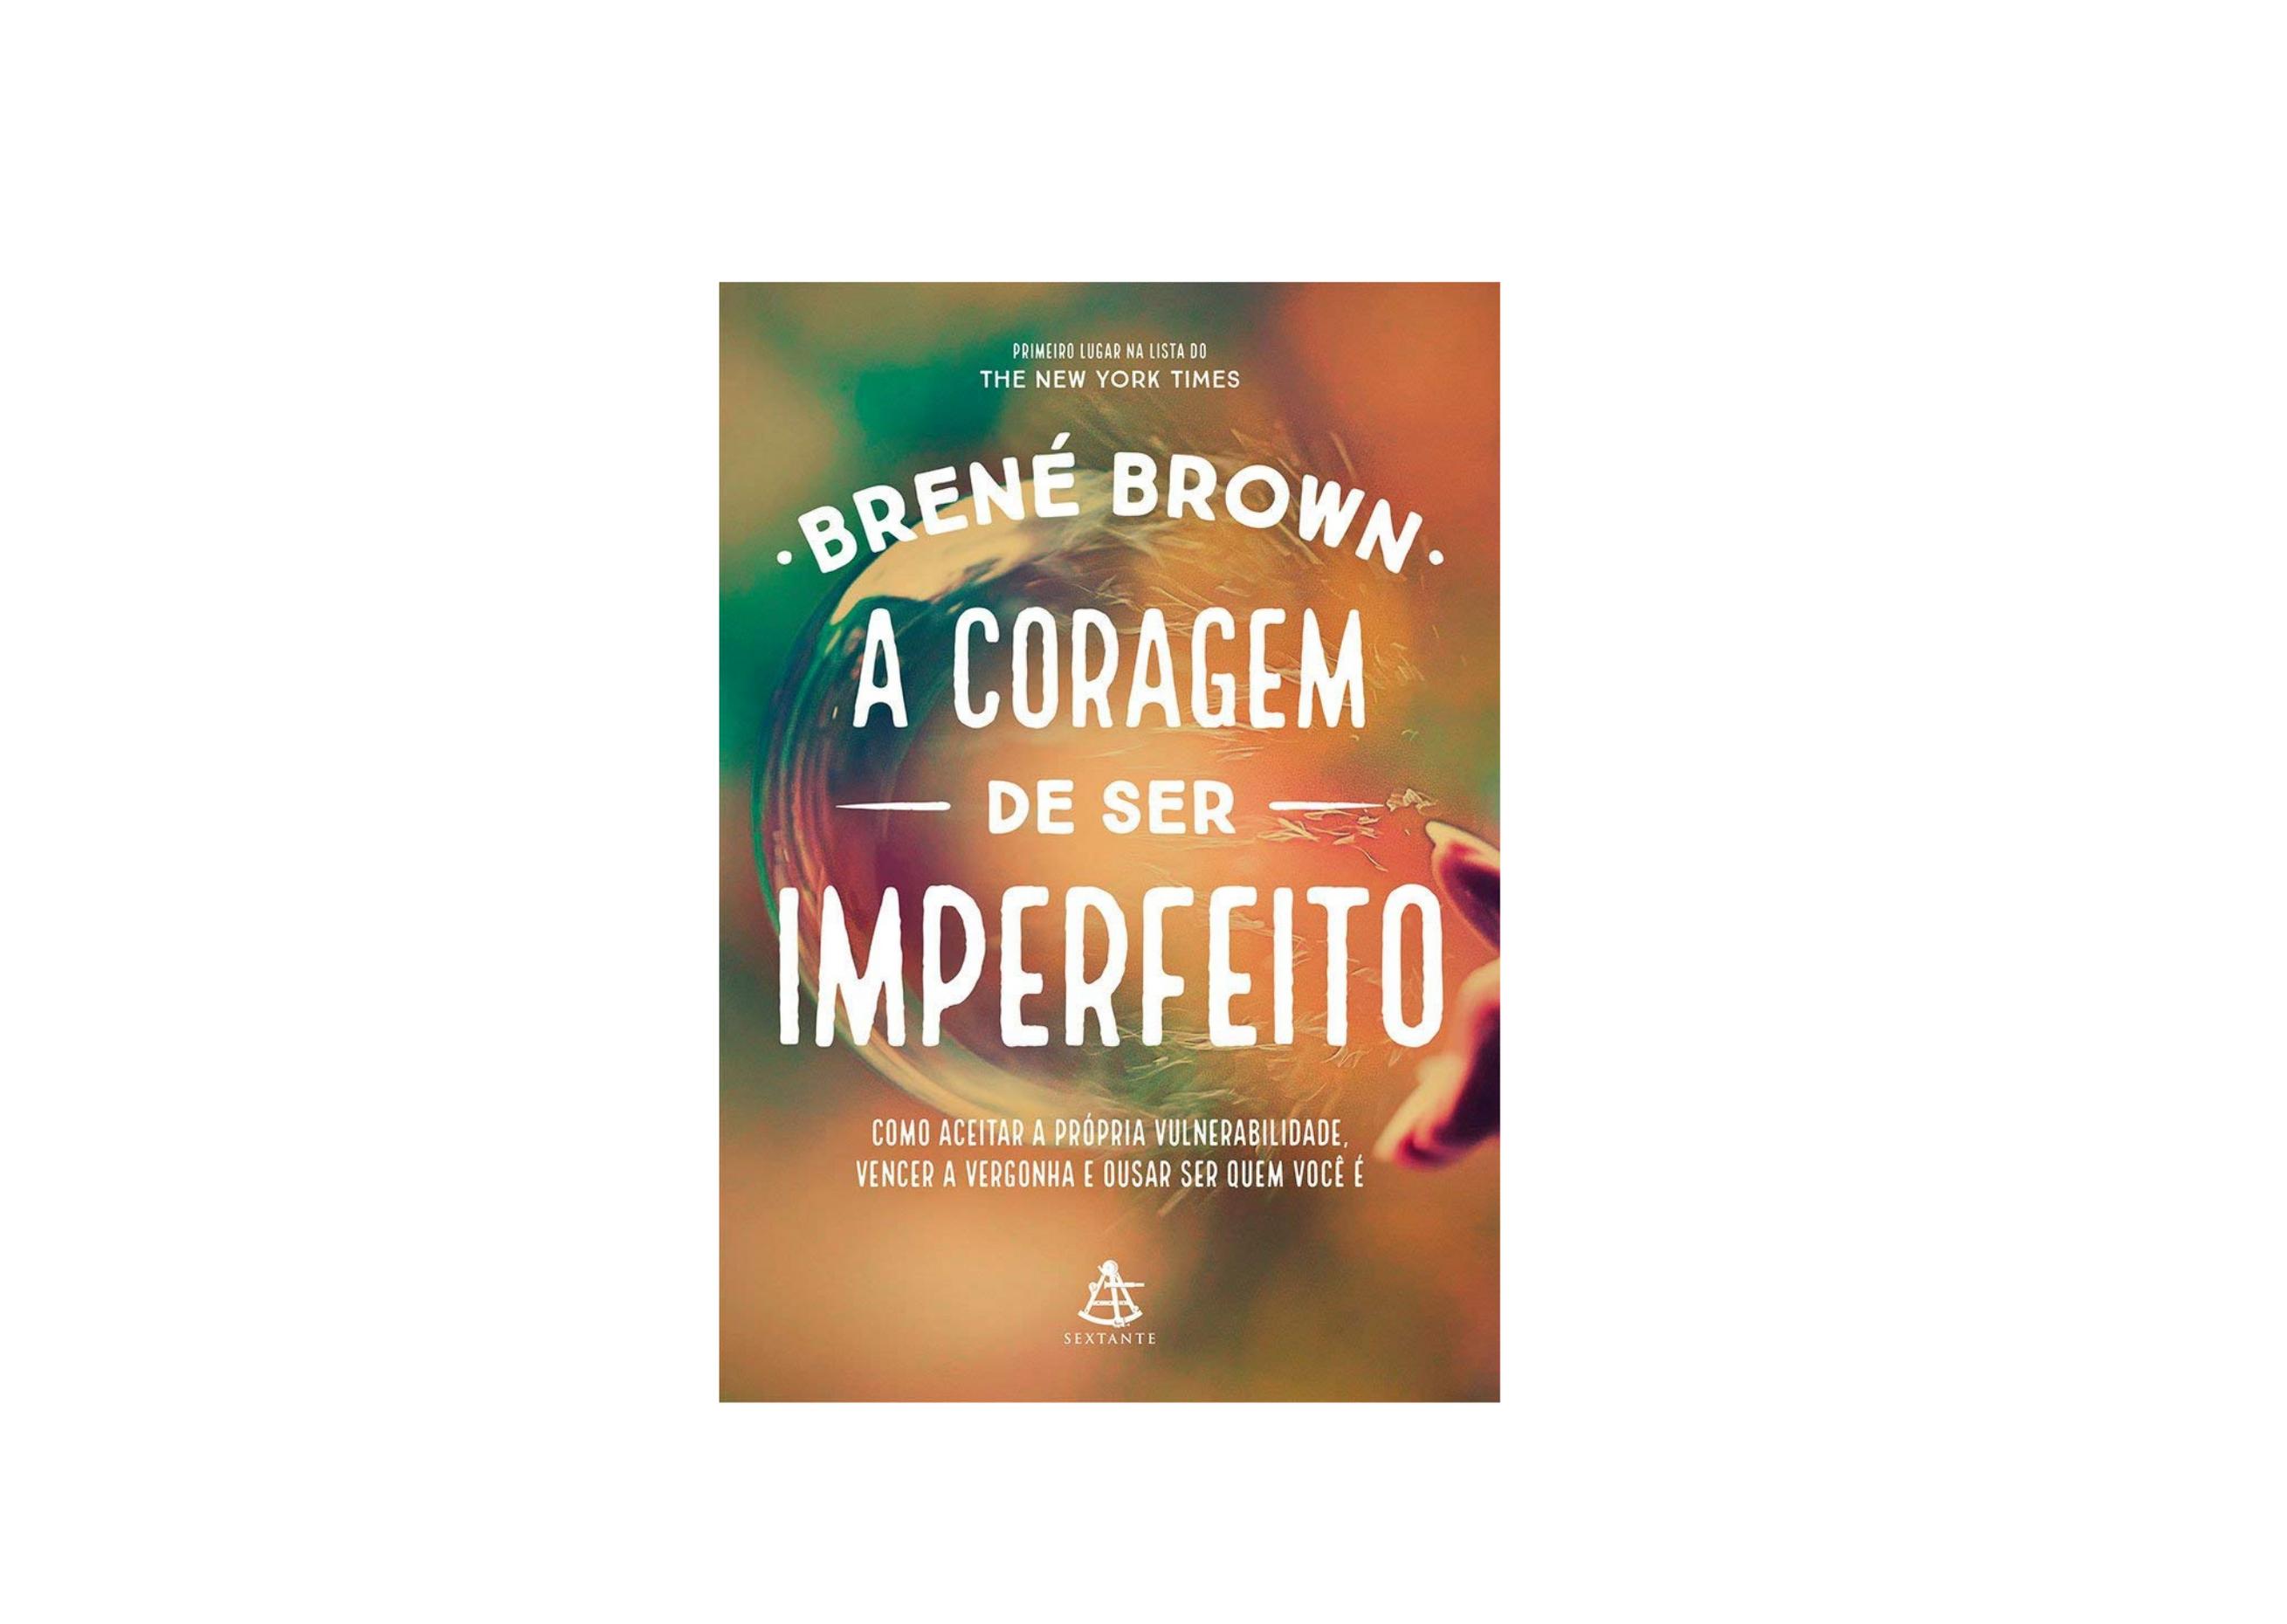 """Dicas culturais: Livro """"A coragem de ser imperfeito"""", de Brené Brown"""